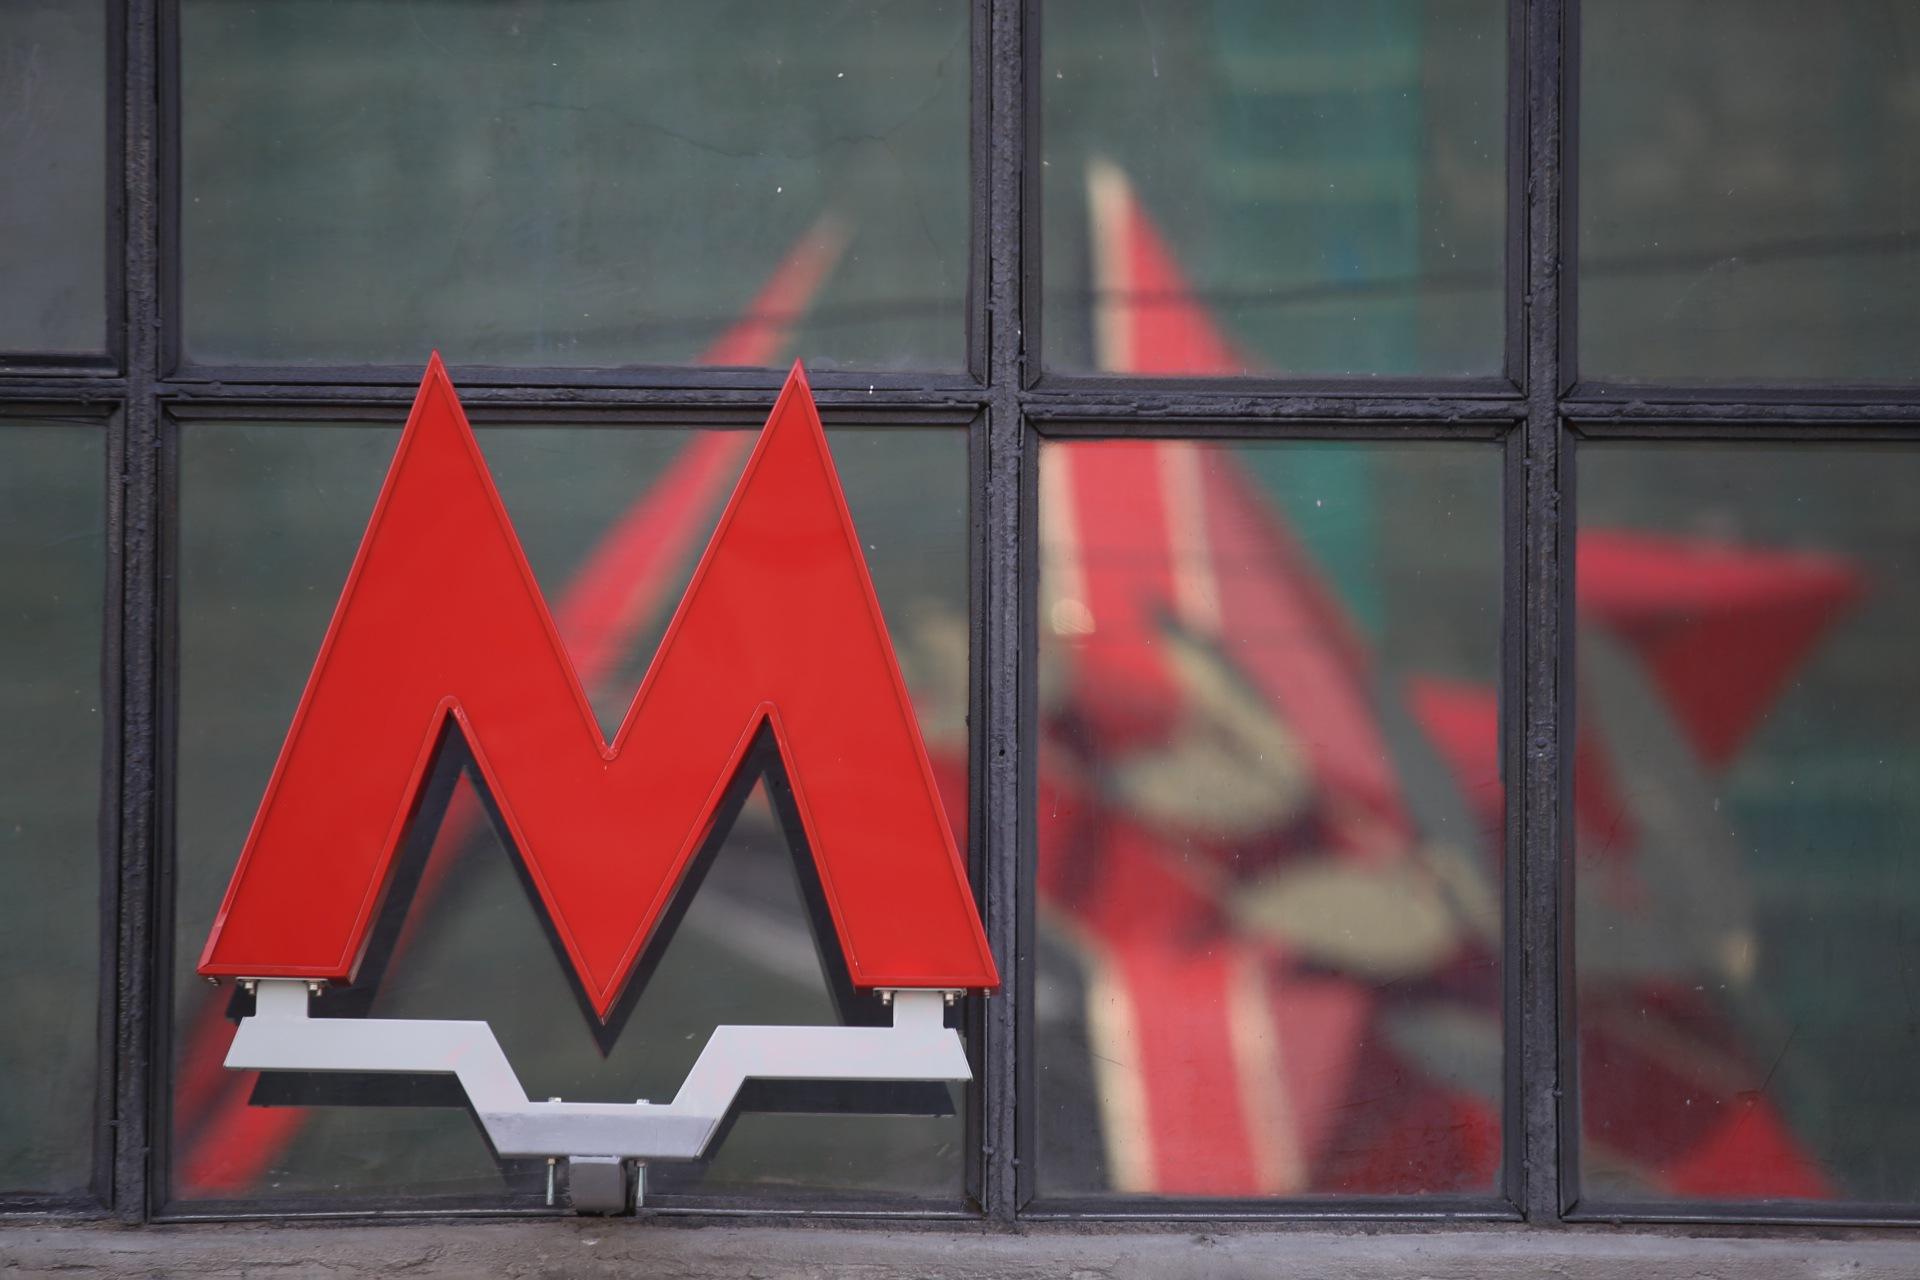 В московском метро появились терминалы для безналичного пополнения «Тройки»